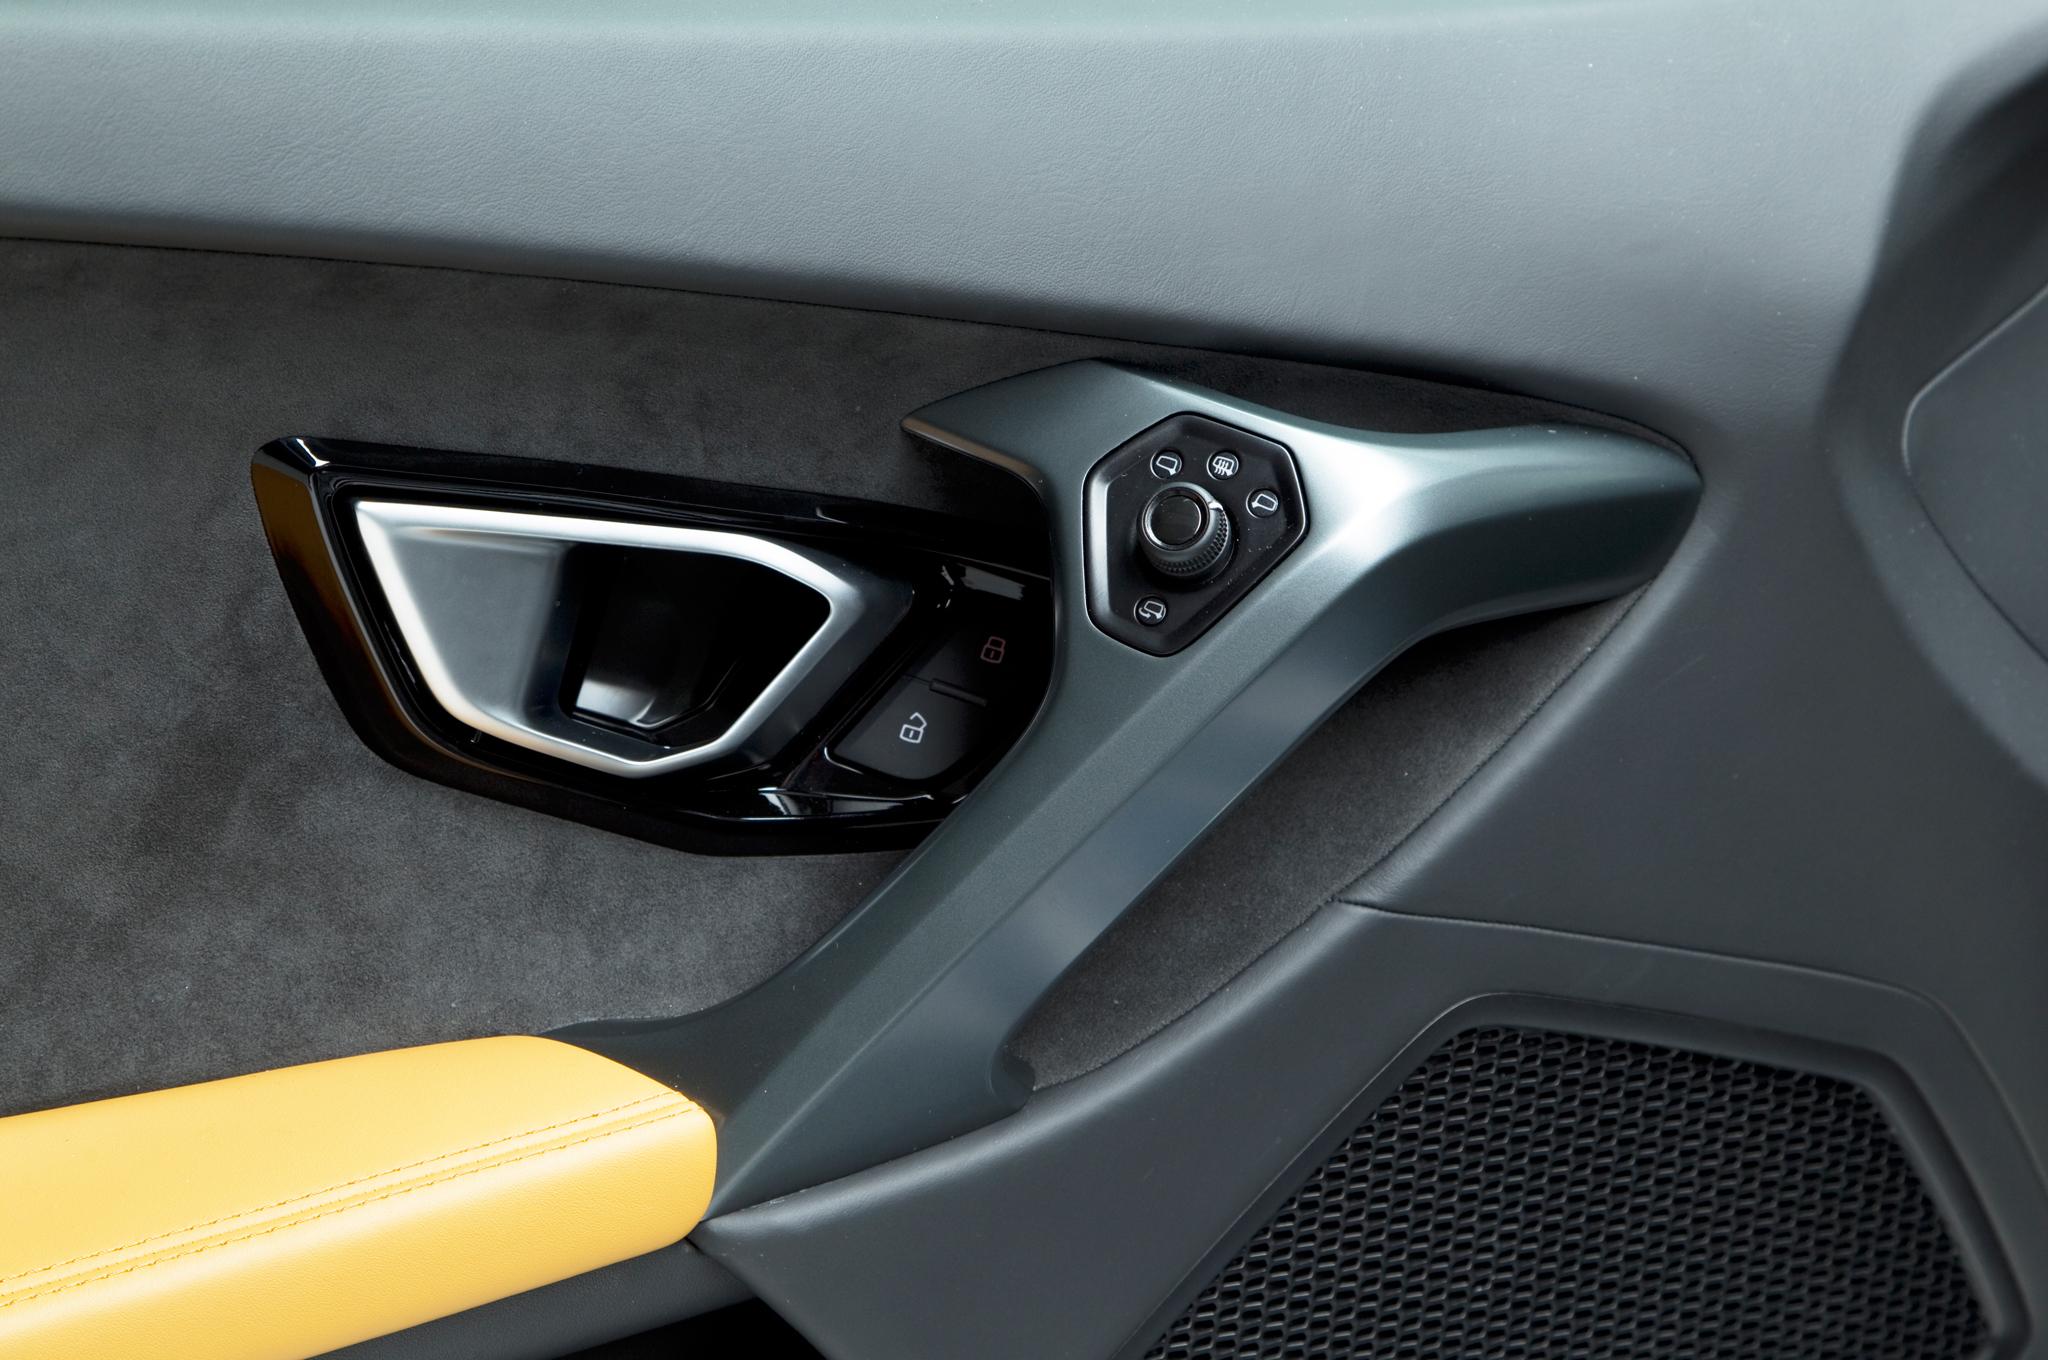 http—image.motortrend.com-f-roadtests-exotic-1312_2015_lamborghini_huracan_first_look-59412023-2015-Lamborghini-Huracan-interior-door-panel